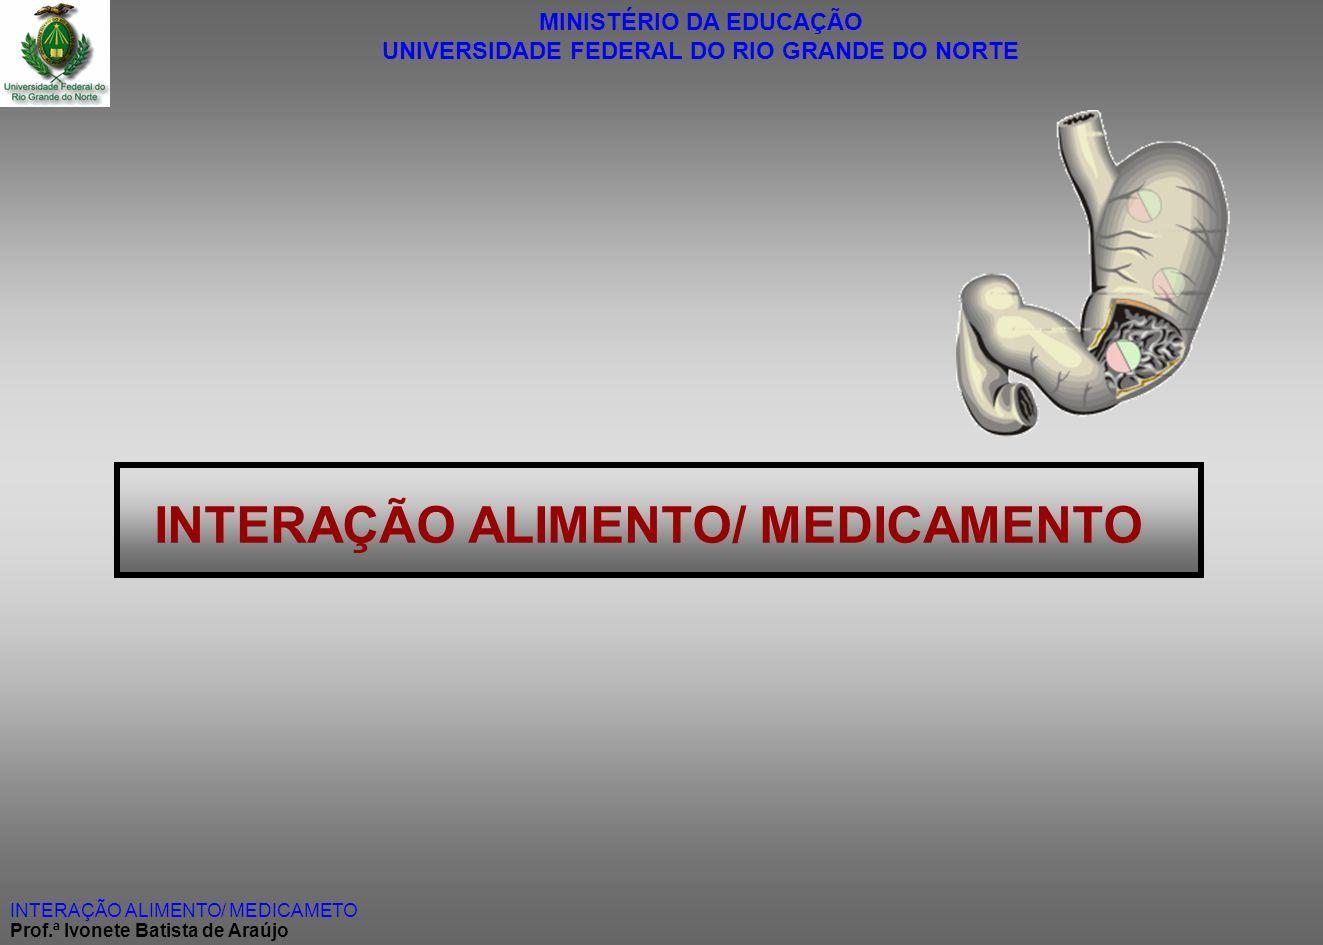 MINISTÉRIO DA EDUCAÇÃO UNIVERSIDADE FEDERAL DO RIO GRANDE DO NORTE INTERAÇÃO ALIMENTO/ MEDICAMETO Prof.ª Ivonete Batista de Araújo INTERAÇÃO ALIMENTO/